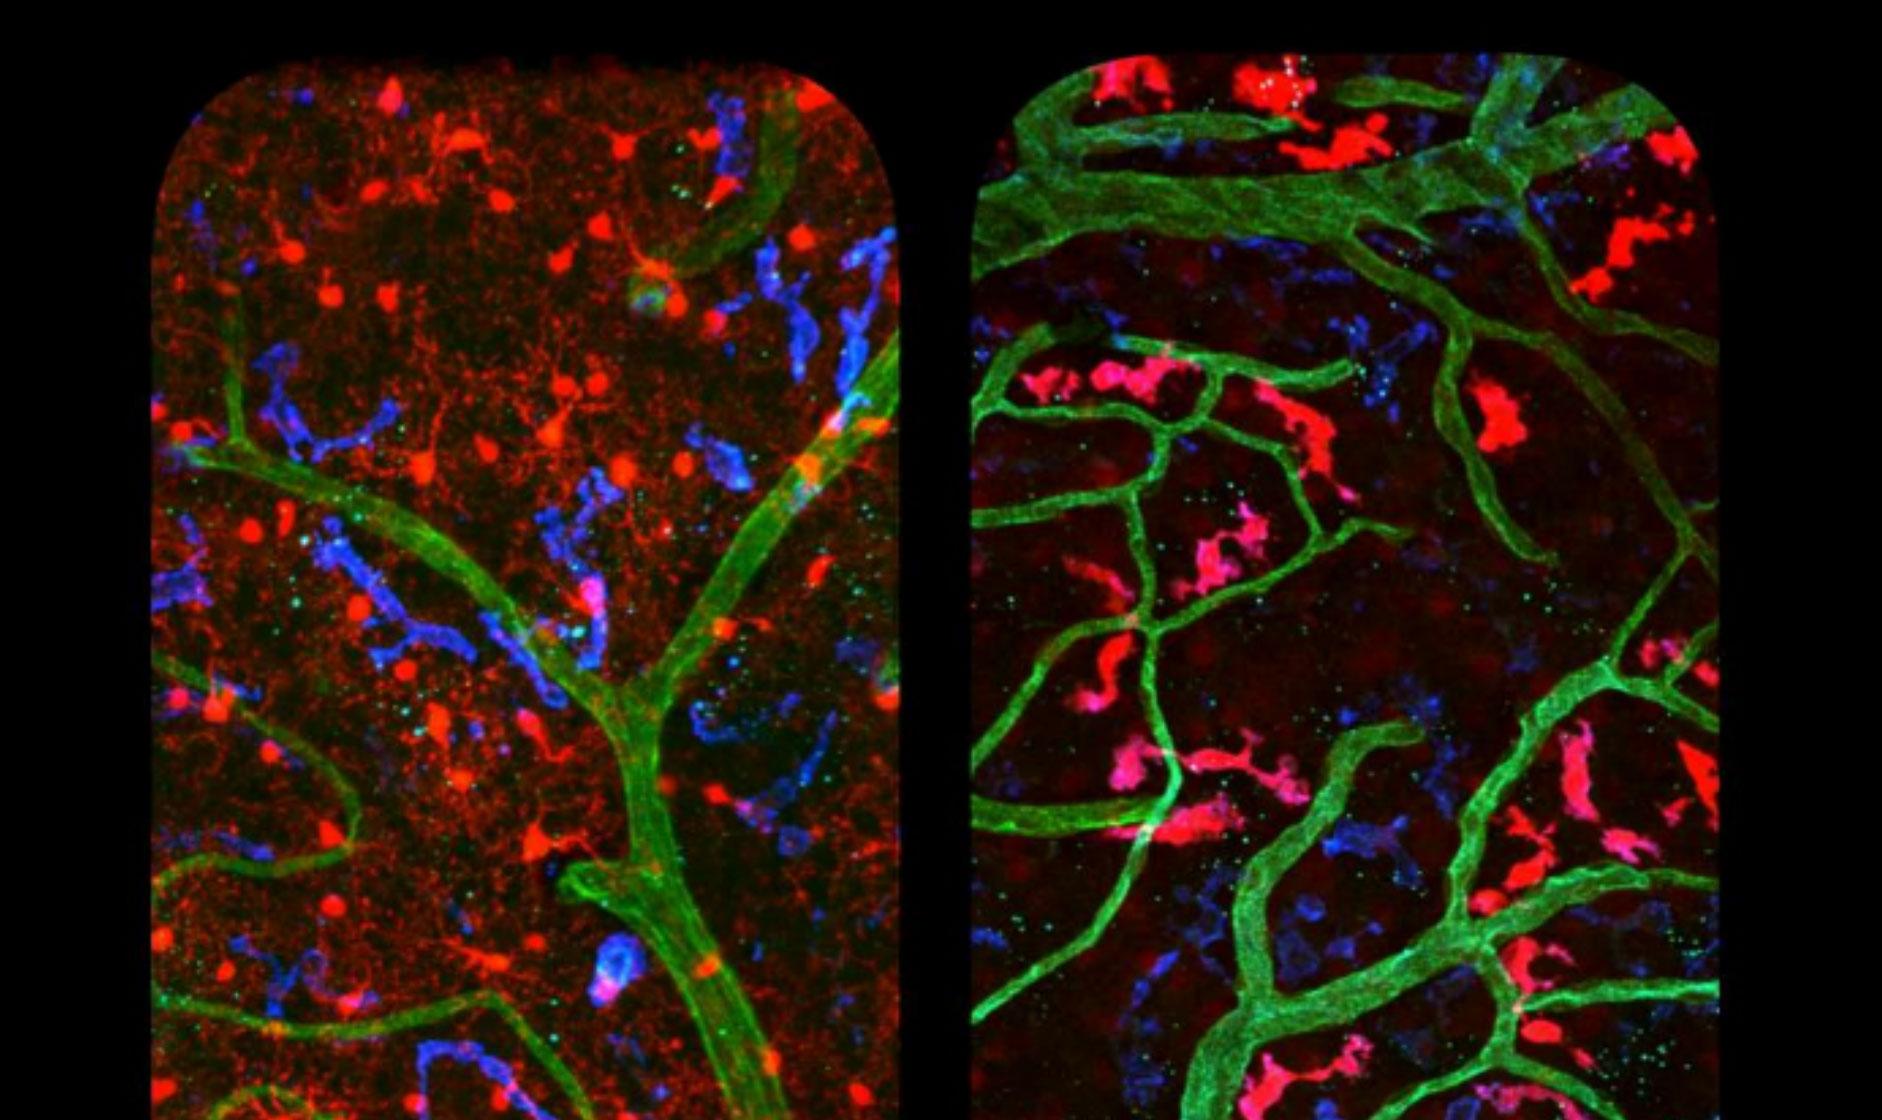 En rouge, la microglie (à gauche) et les macrophages périvasculaires (à droite) ont des formes et des localisations différentes